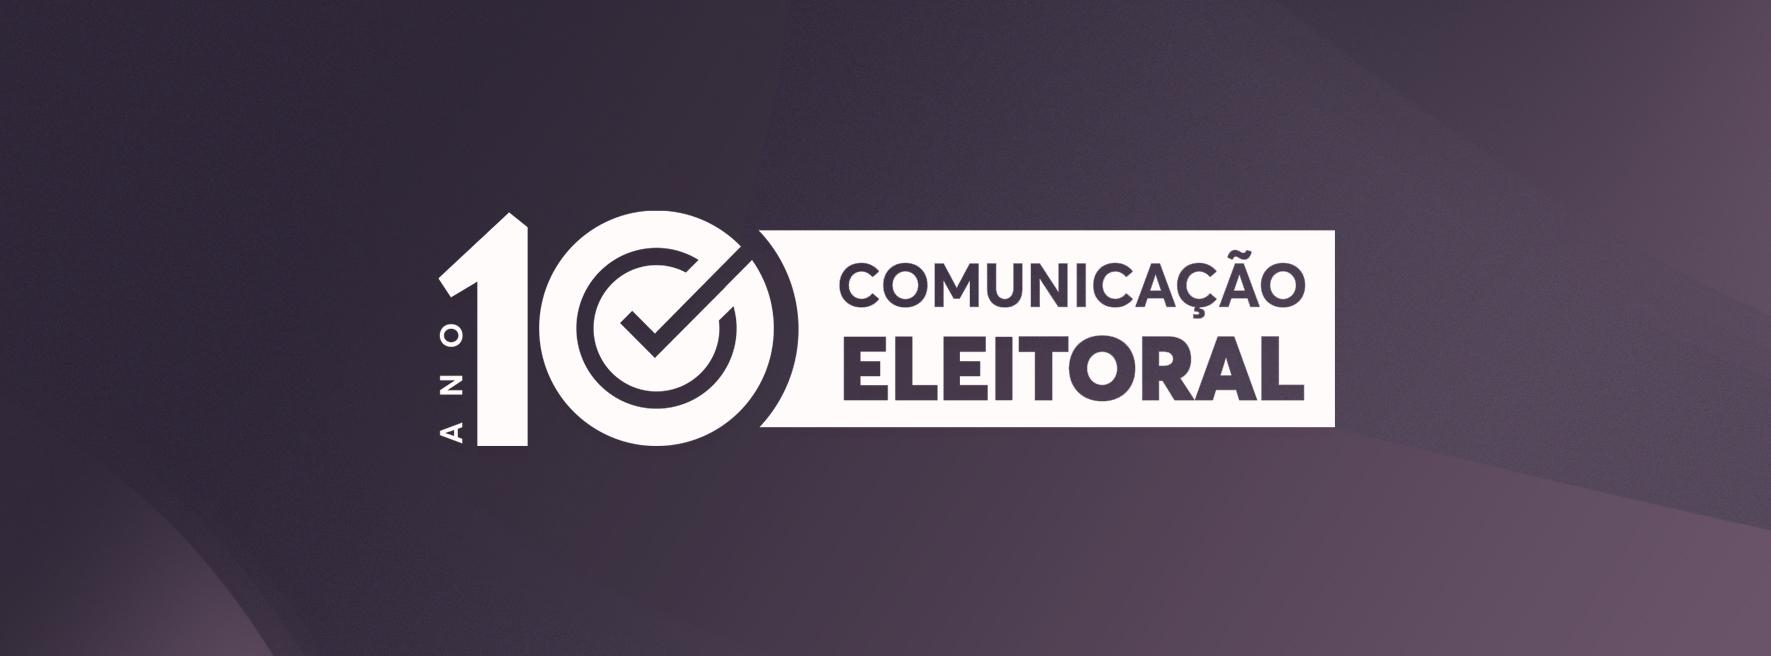 CEL promove palestra aberta com Luciana Lóssio sobre os desafios da visibilidade eleitoral